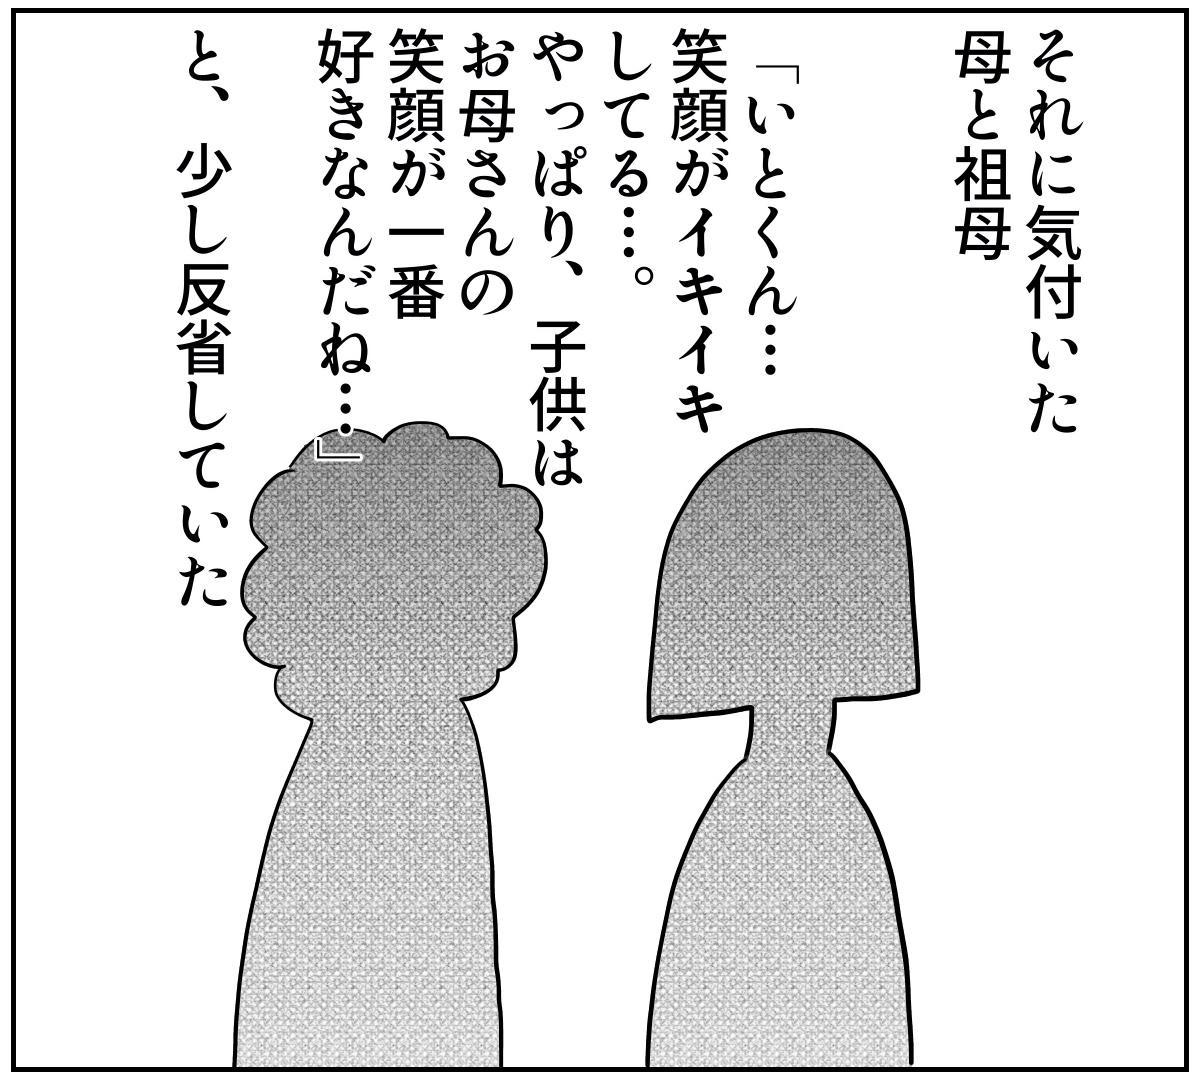 f:id:kaco-matsu:20190808114135j:plain